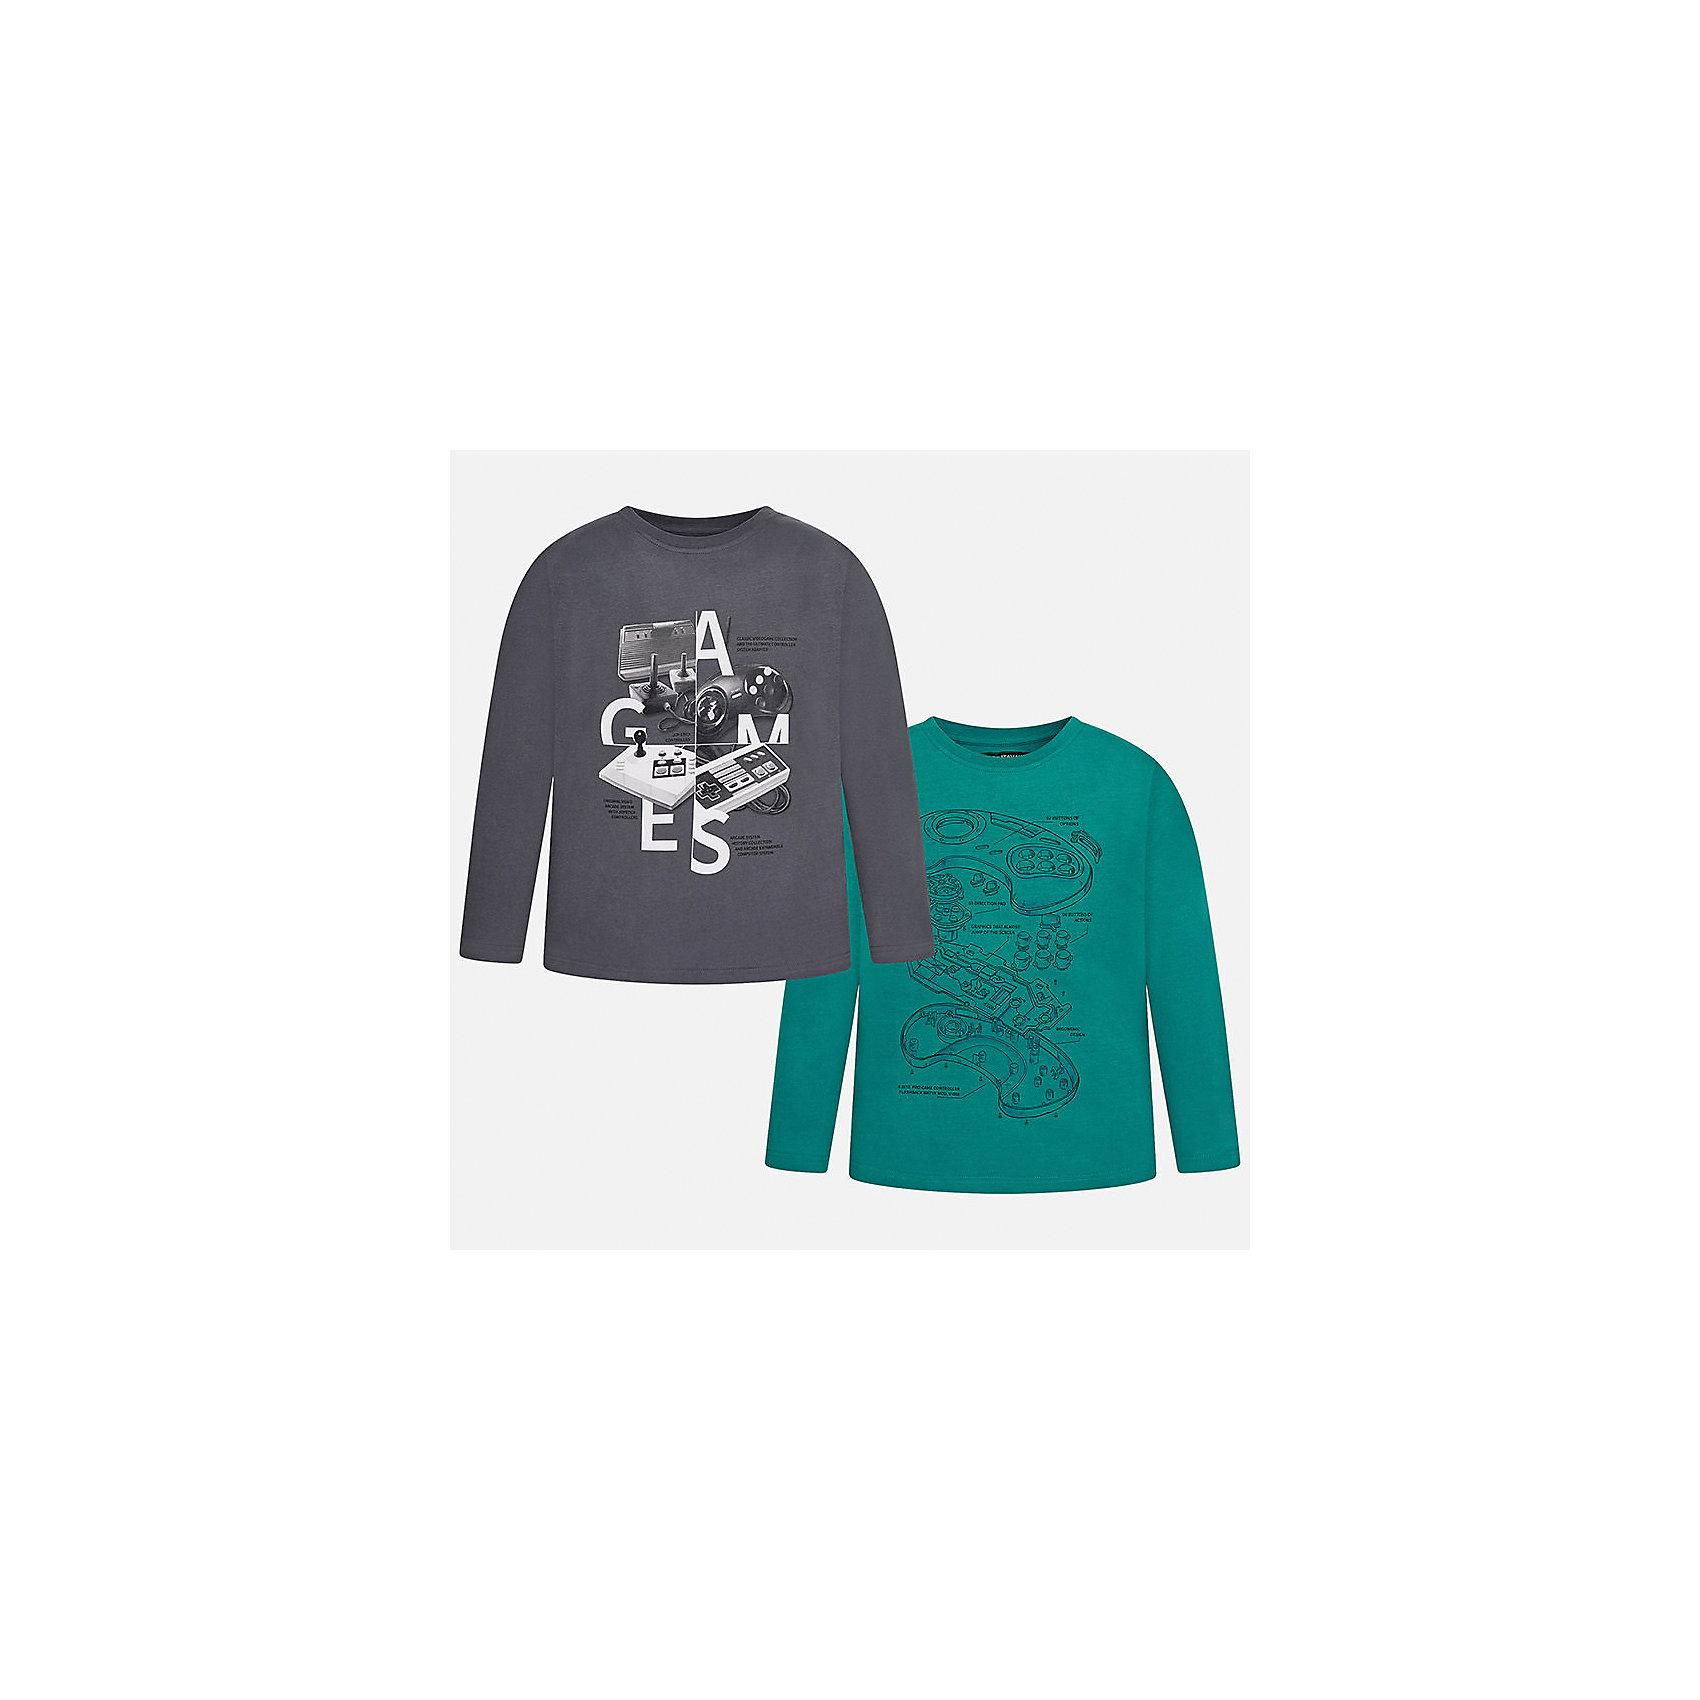 Футболка с длинным рукавом (2 шт.) Mayoral для мальчикаФутболки с длинным рукавом<br>Характеристики товара:<br><br>• цвет: серый, зеленый<br>• состав ткани: 100% хлопок<br>• комплектация: 2 шт<br>• сезон: демисезон<br>• особенности модели: принт<br>• длинные рукава<br>• страна бренда: Испания<br>• страна изготовитель: Индия<br><br>Комплект состоит из двух лонгсливов. Детский лонгслив с принтом сделан из дышащего приятного на ощупь материала. Благодаря продуманному крою детского лонгслива создаются комфортные условия для тела. Футболка с длинным рукавом для мальчика отличается стильным продуманным дизайном.<br><br>Лонгслив (2 шт.) для мальчика Mayoral (Майорал) можно купить в нашем интернет-магазине.<br><br>Ширина мм: 230<br>Глубина мм: 40<br>Высота мм: 220<br>Вес г: 250<br>Цвет: серебряный<br>Возраст от месяцев: 168<br>Возраст до месяцев: 180<br>Пол: Мужской<br>Возраст: Детский<br>Размер: 158,164,170,128/134,140,152<br>SKU: 6933383